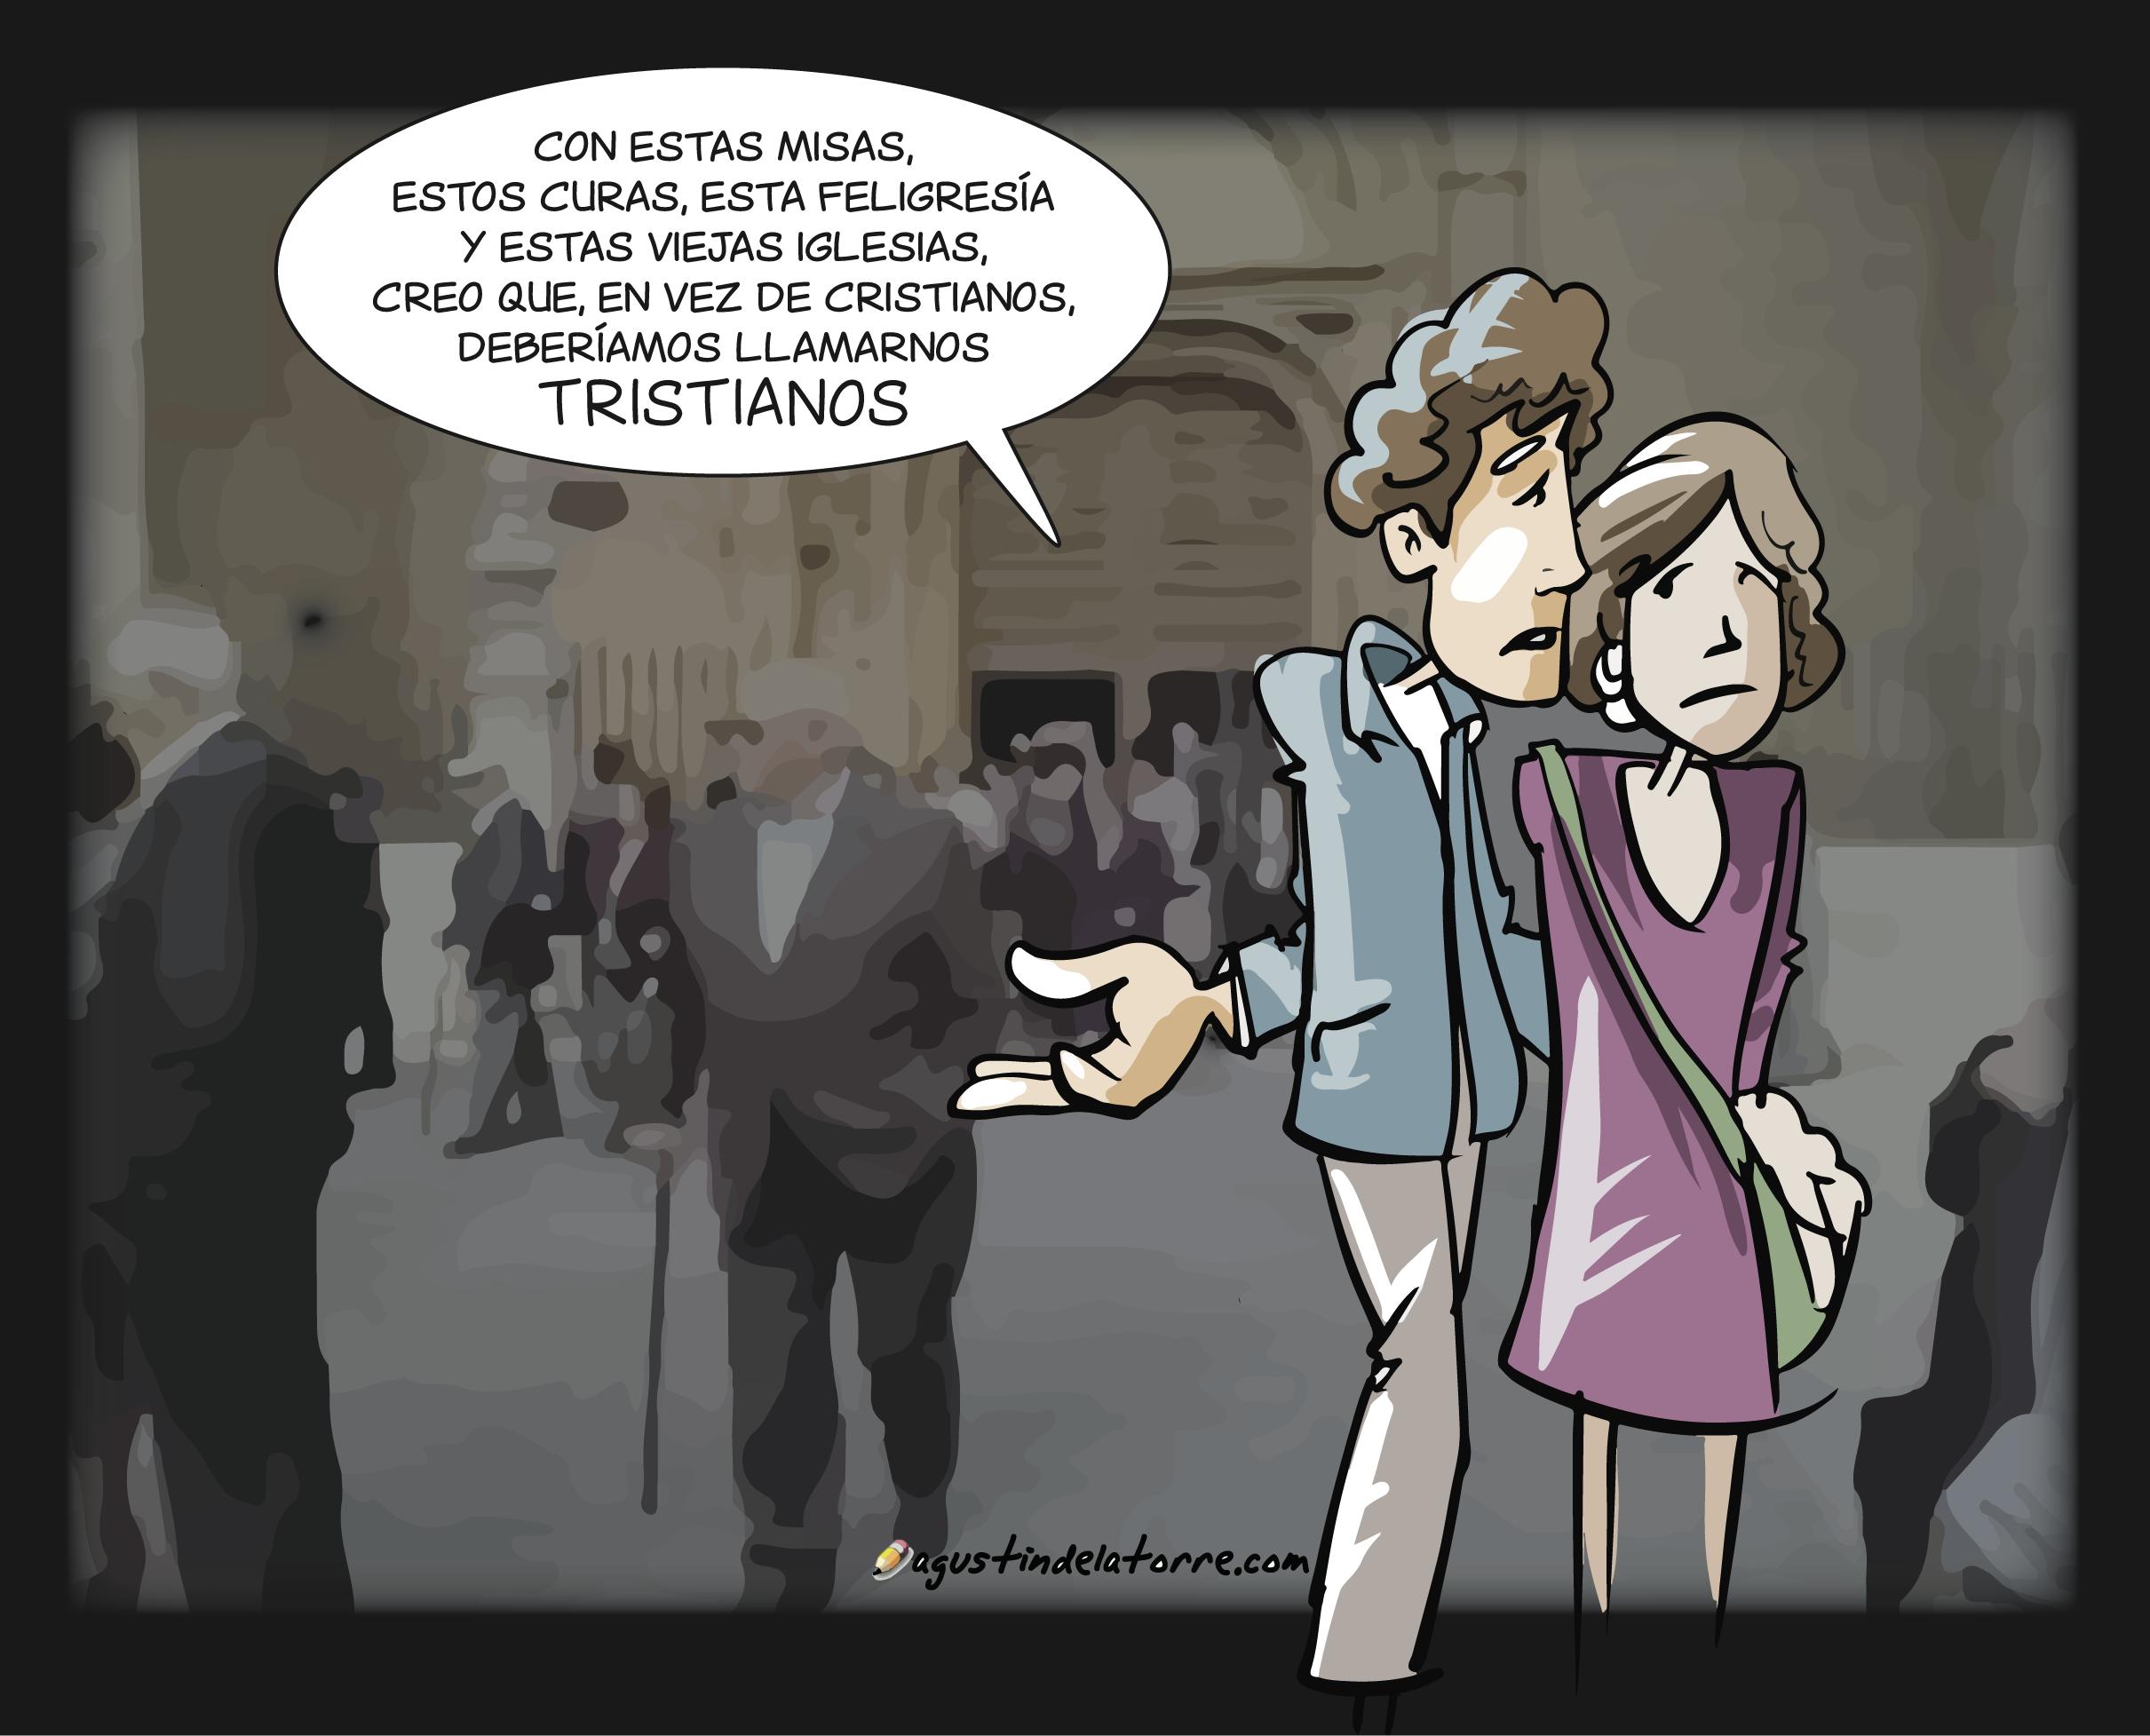 Tristianos